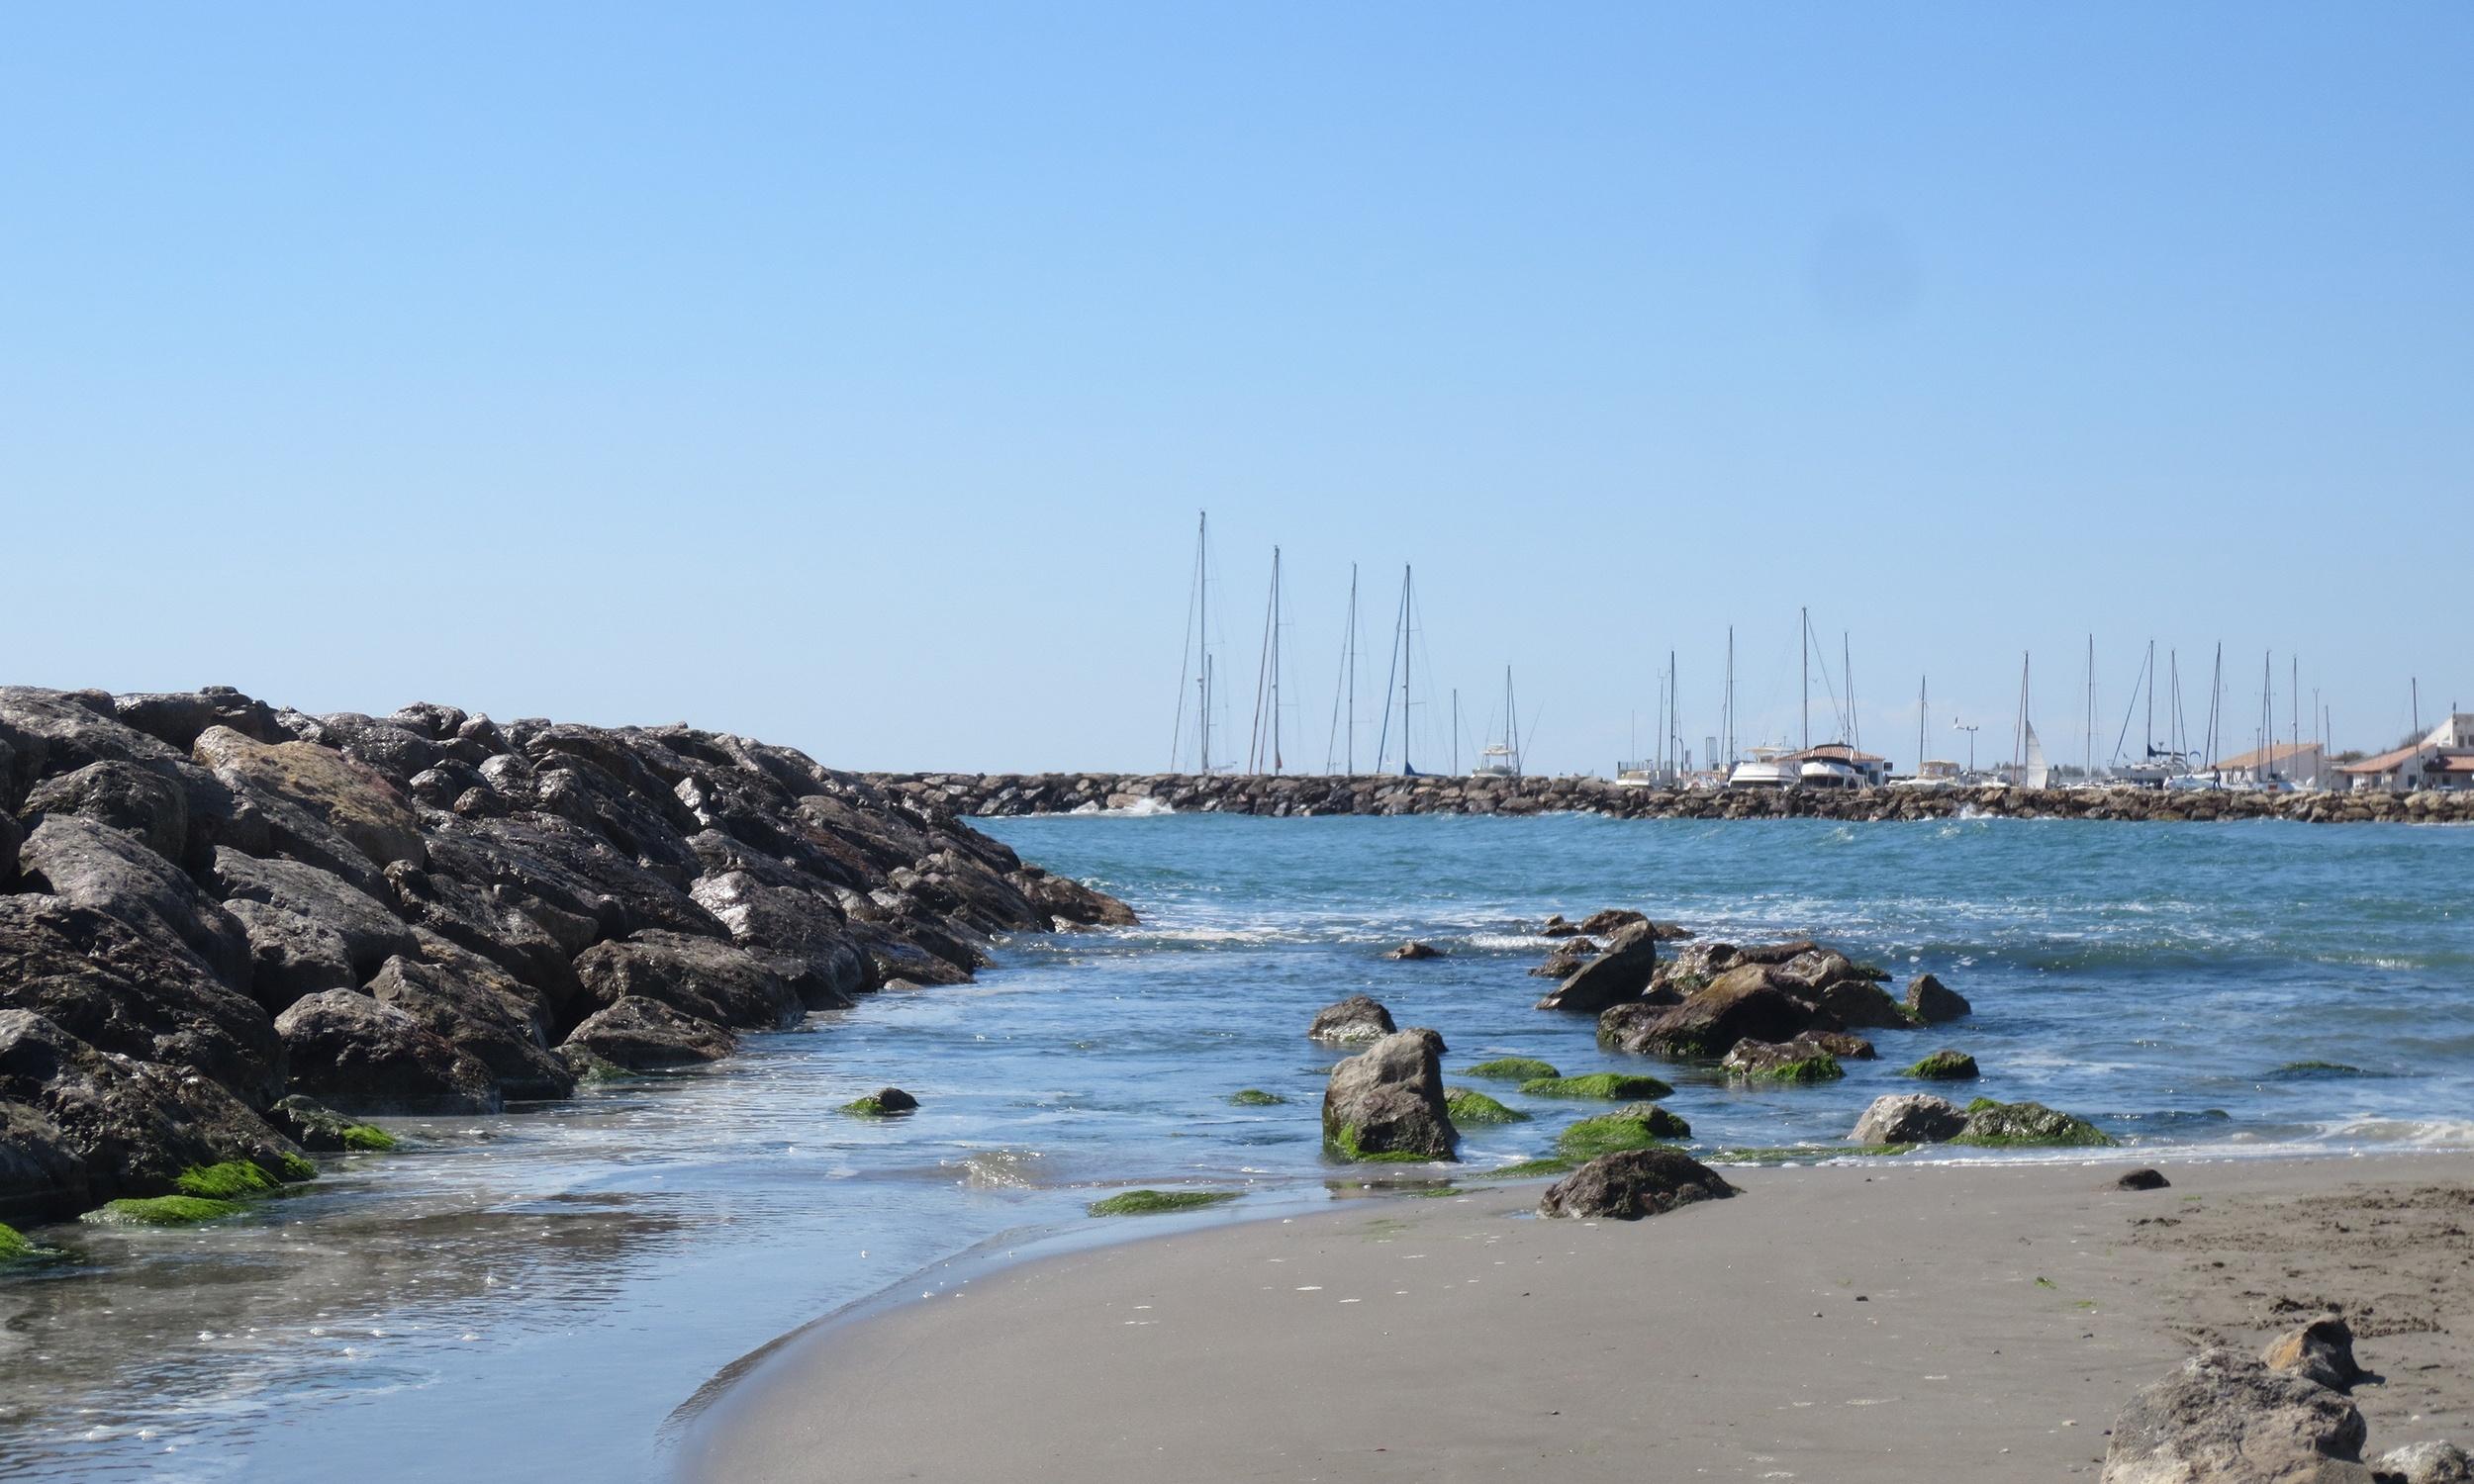 Distant sailboats in Saintes-Maries-de-la-Mer, France